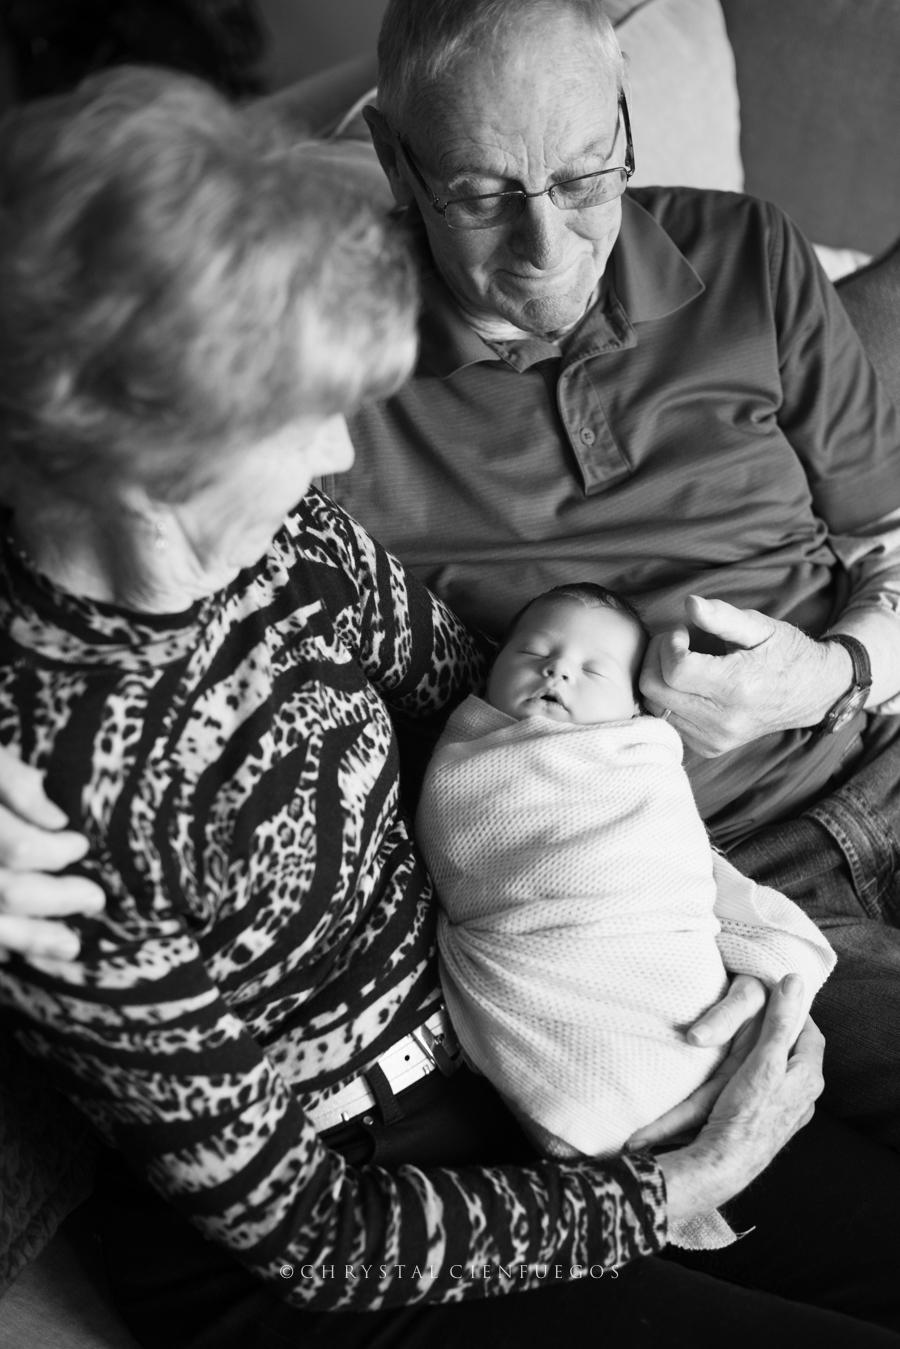 chrystal_cienfuegos_newborn-4.jpg